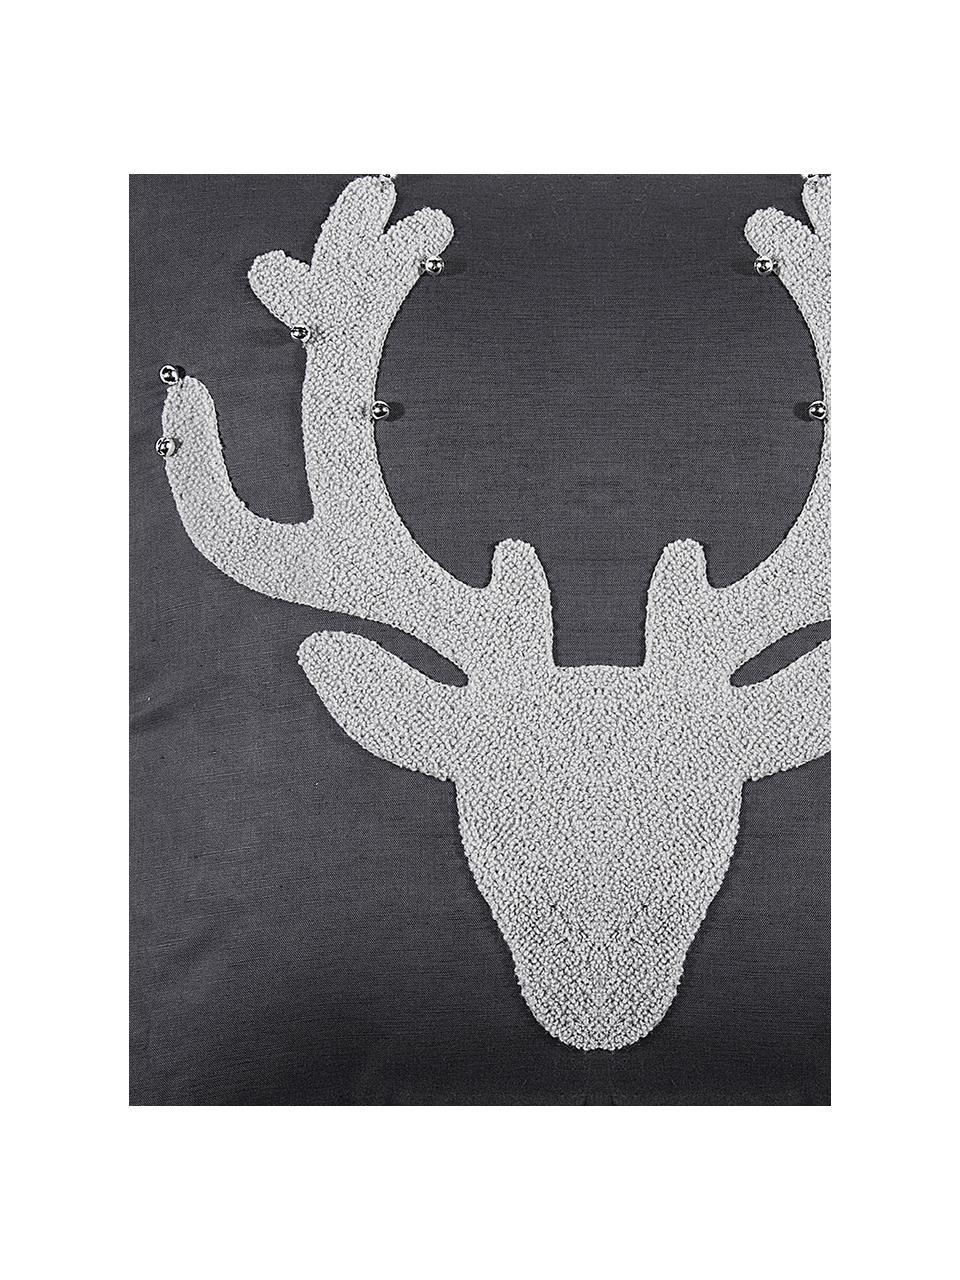 Housse de coussin 45x45 velours gris Bell's, Anthracite, gris clair